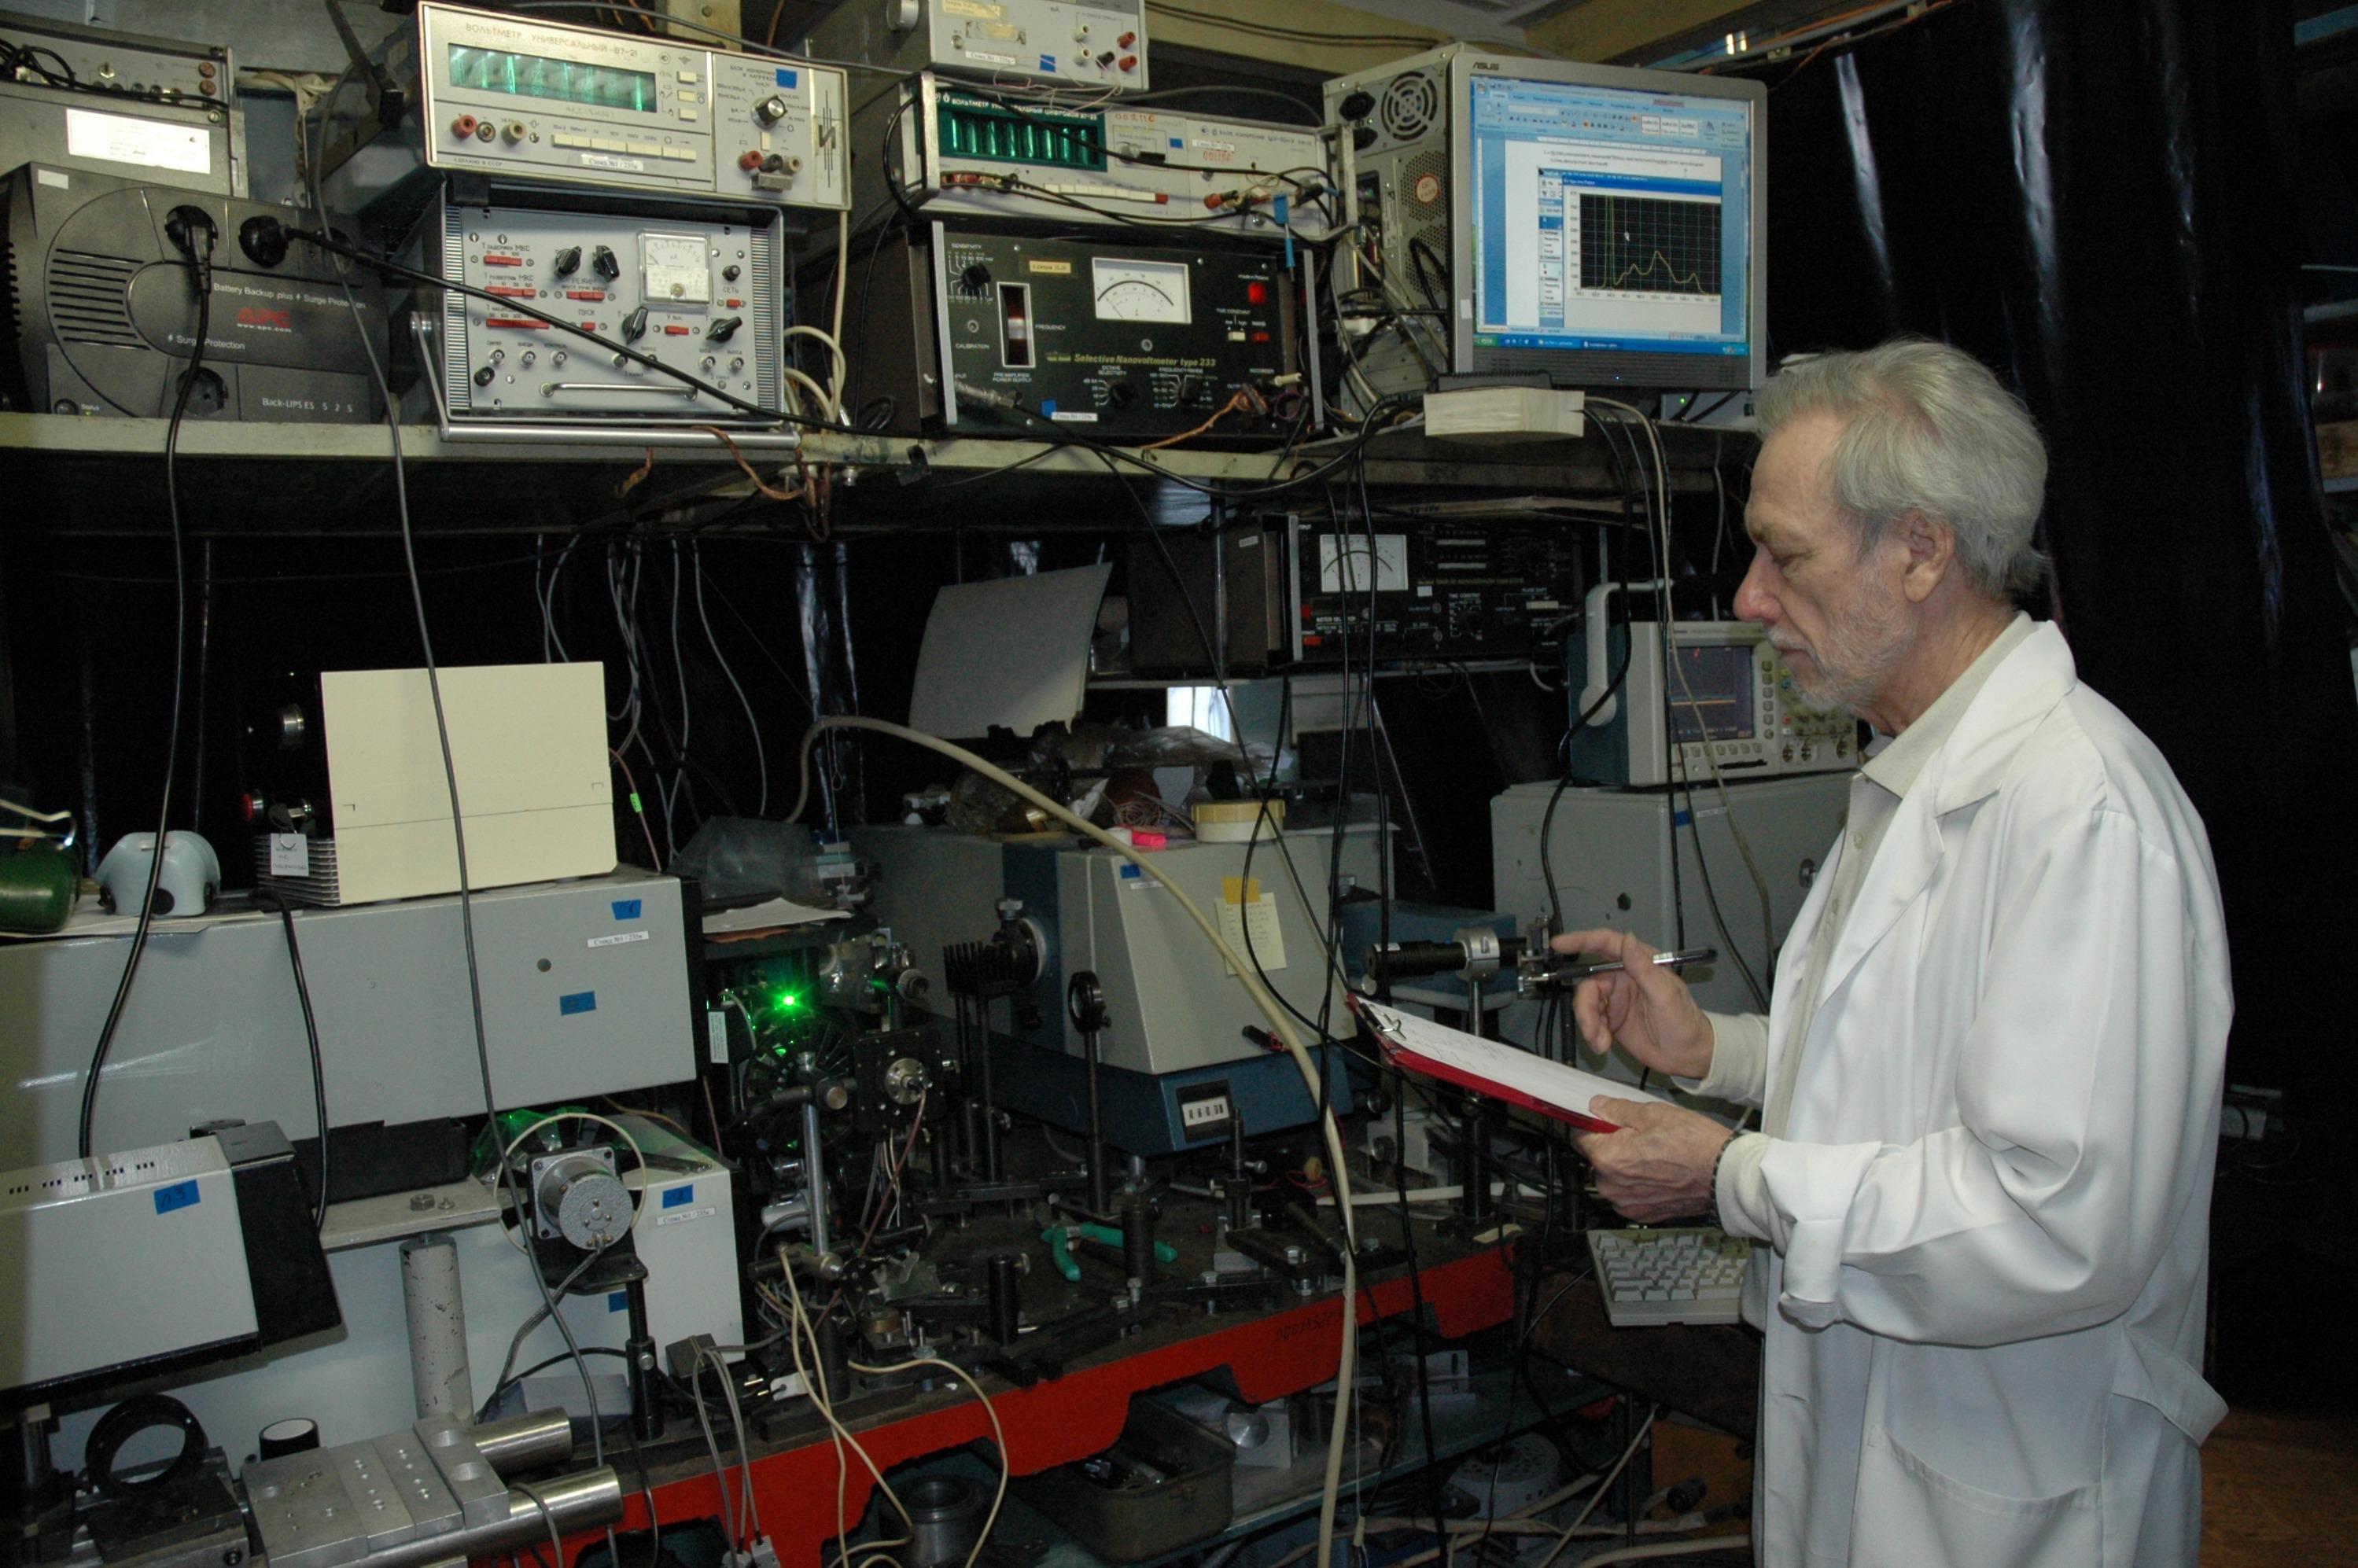 Сейчас Ефим Пестряков продолжает работать с лазерами, как и в 1966 году